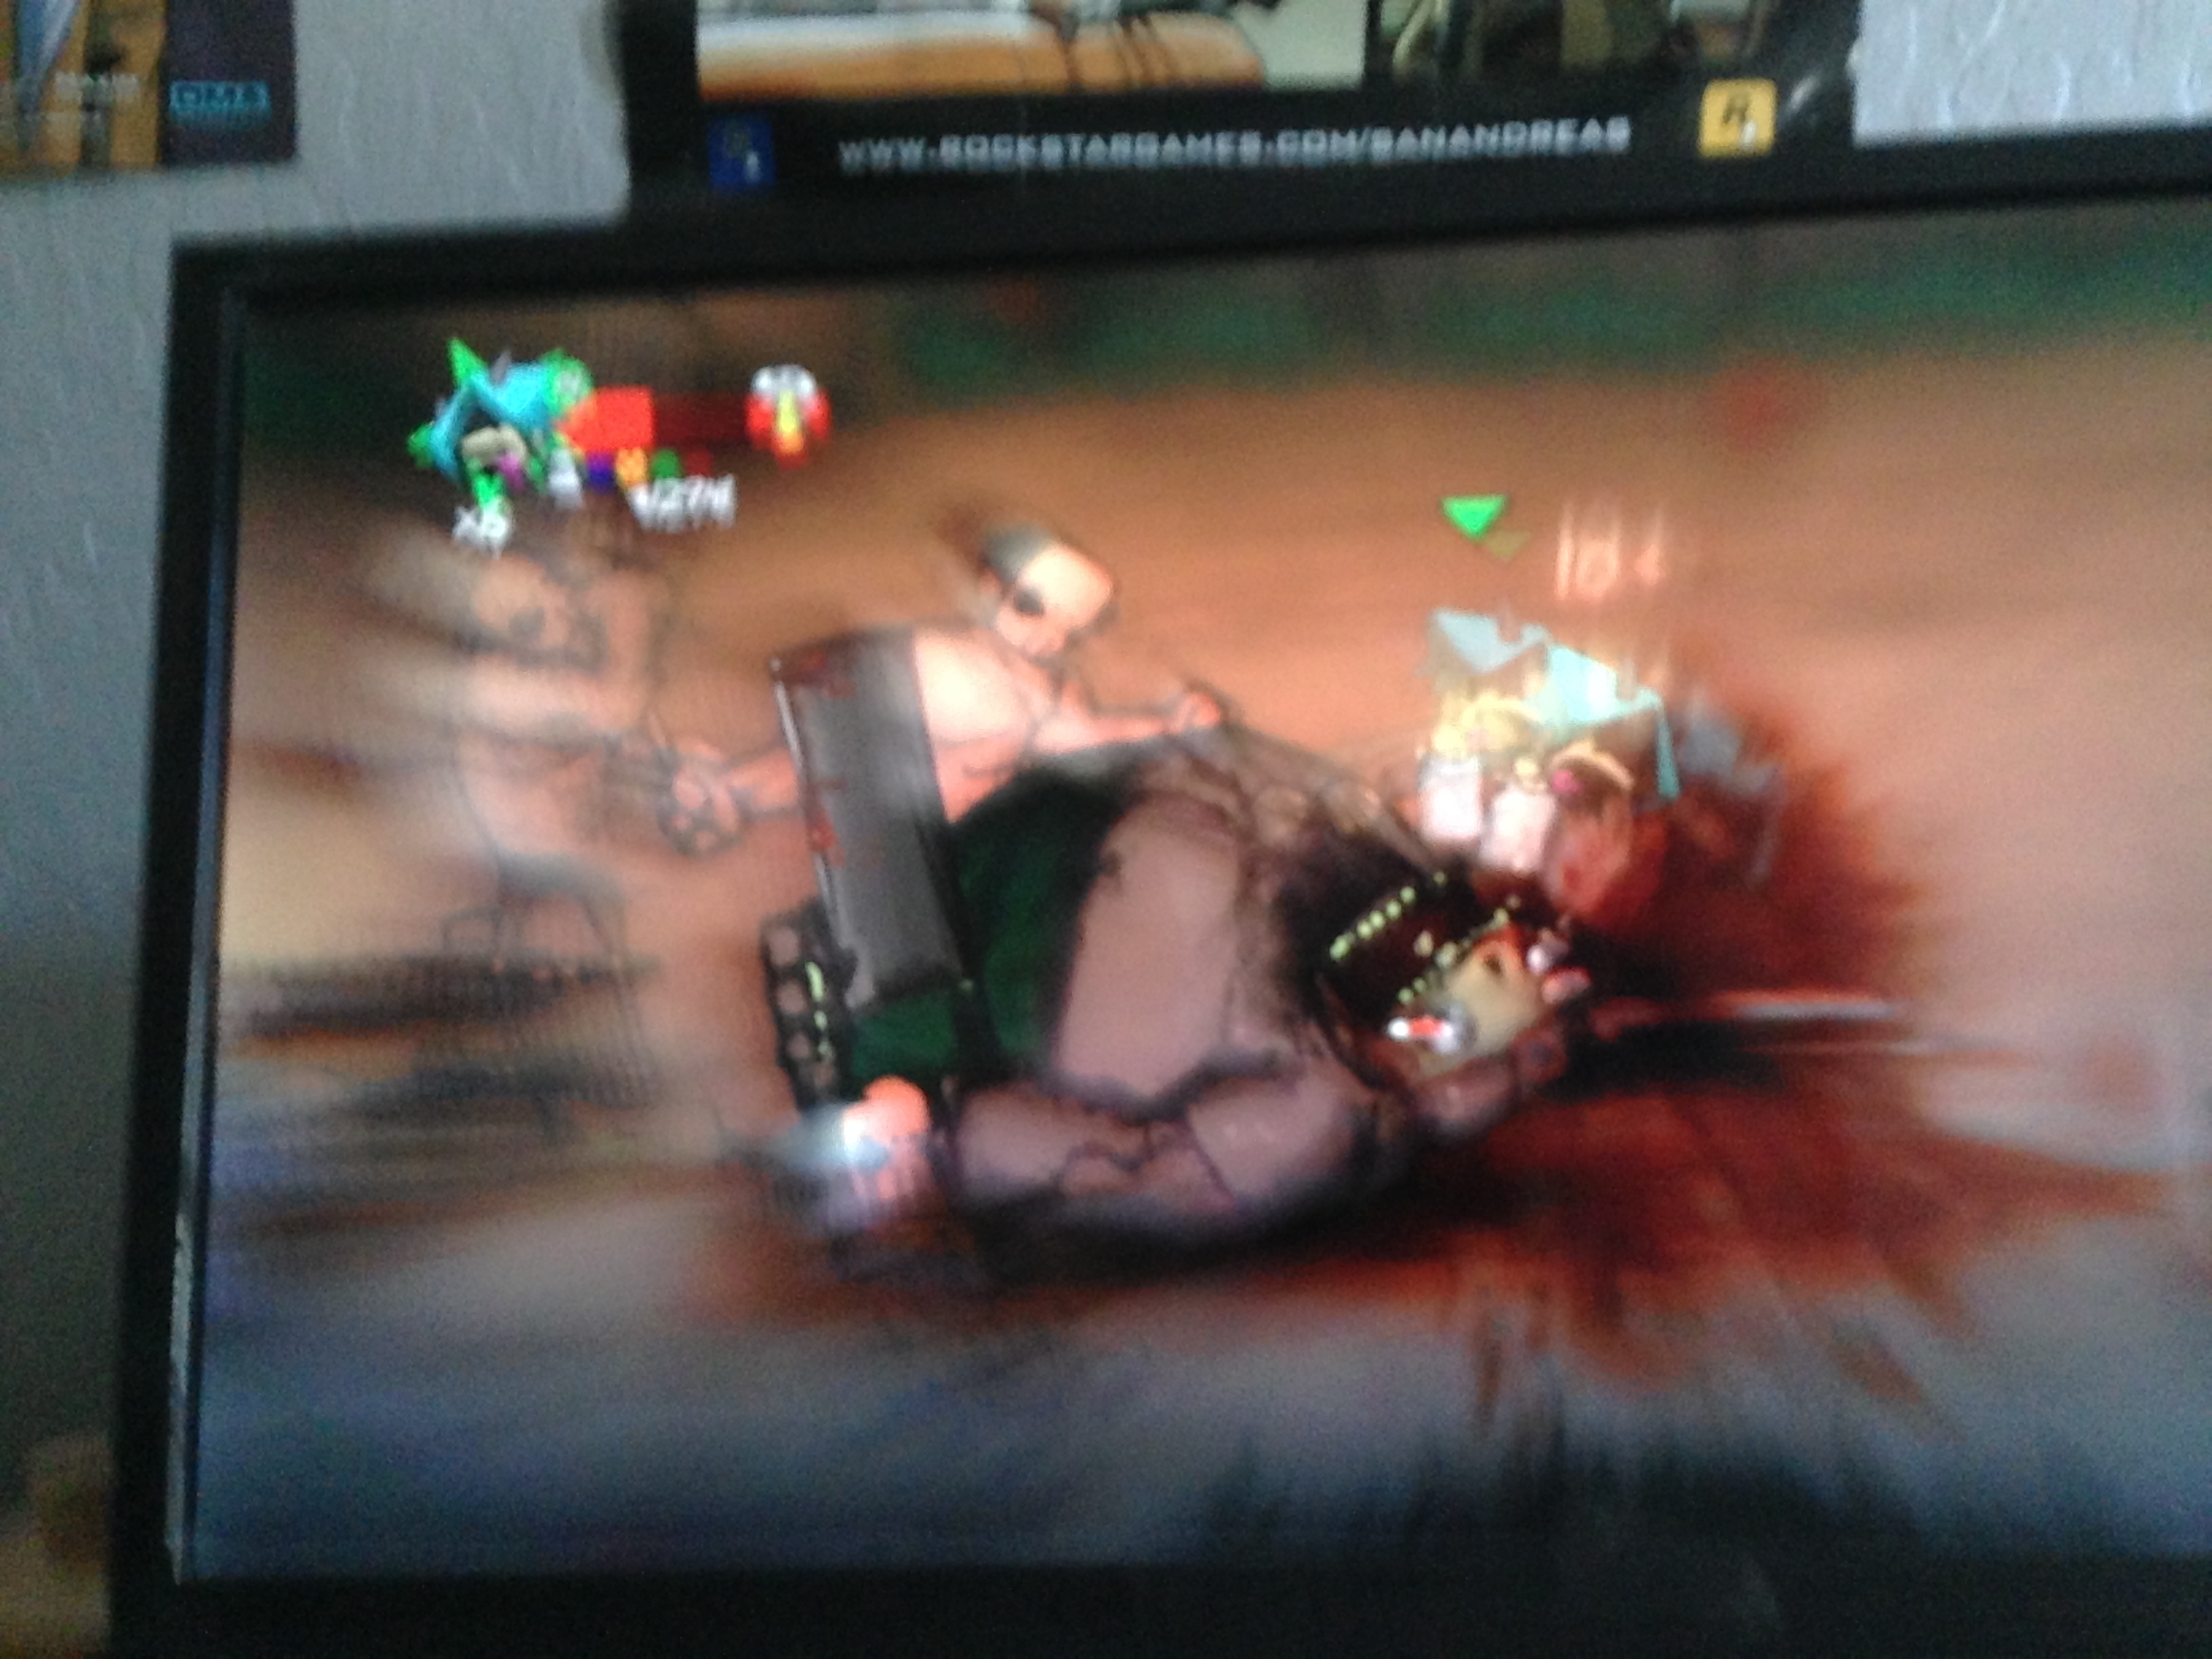 violent scene of video game violence